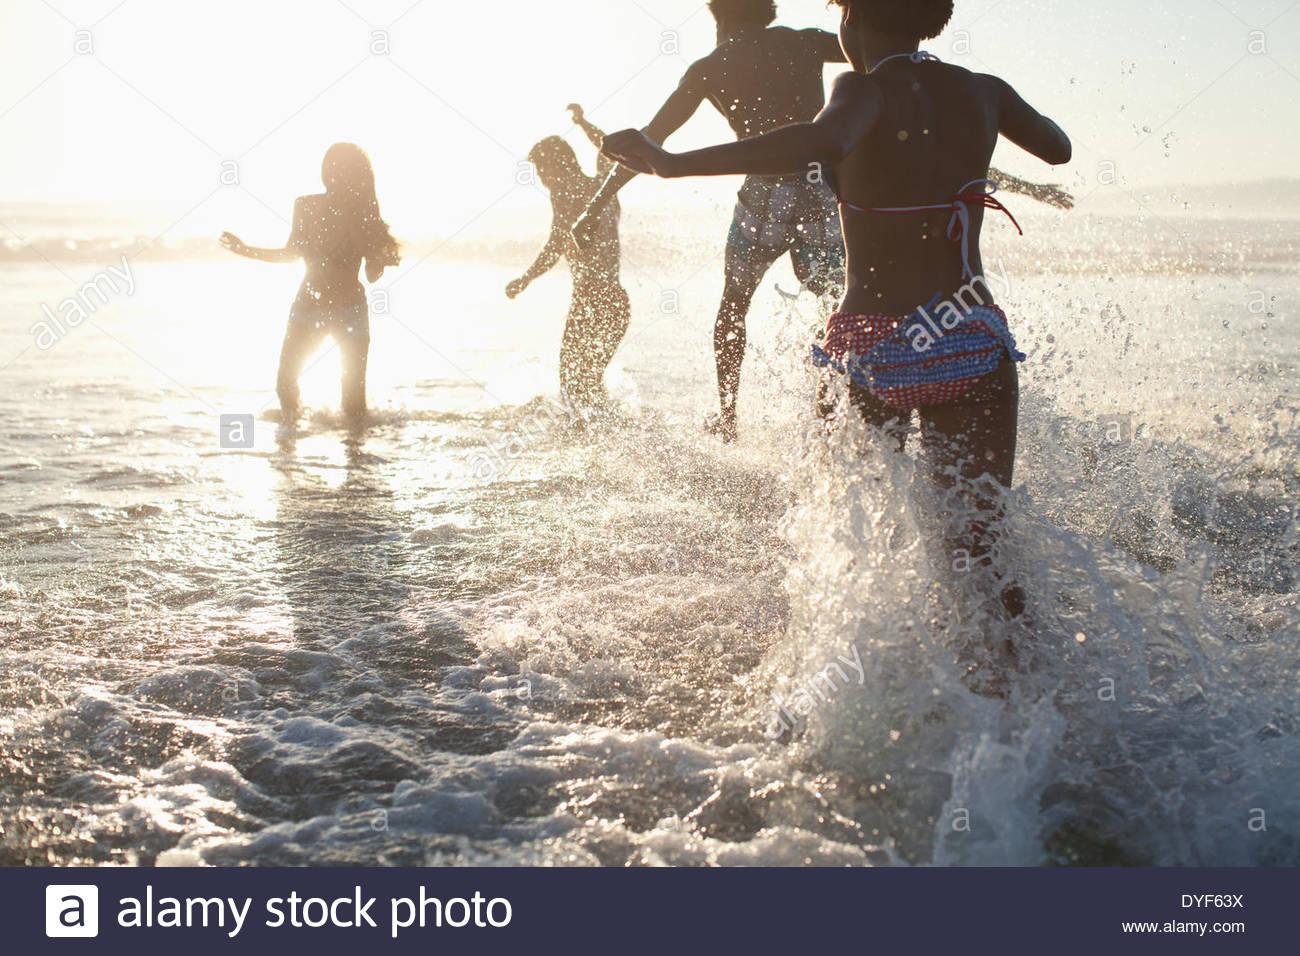 Amigos jugando en las olas en la playa Imagen De Stock